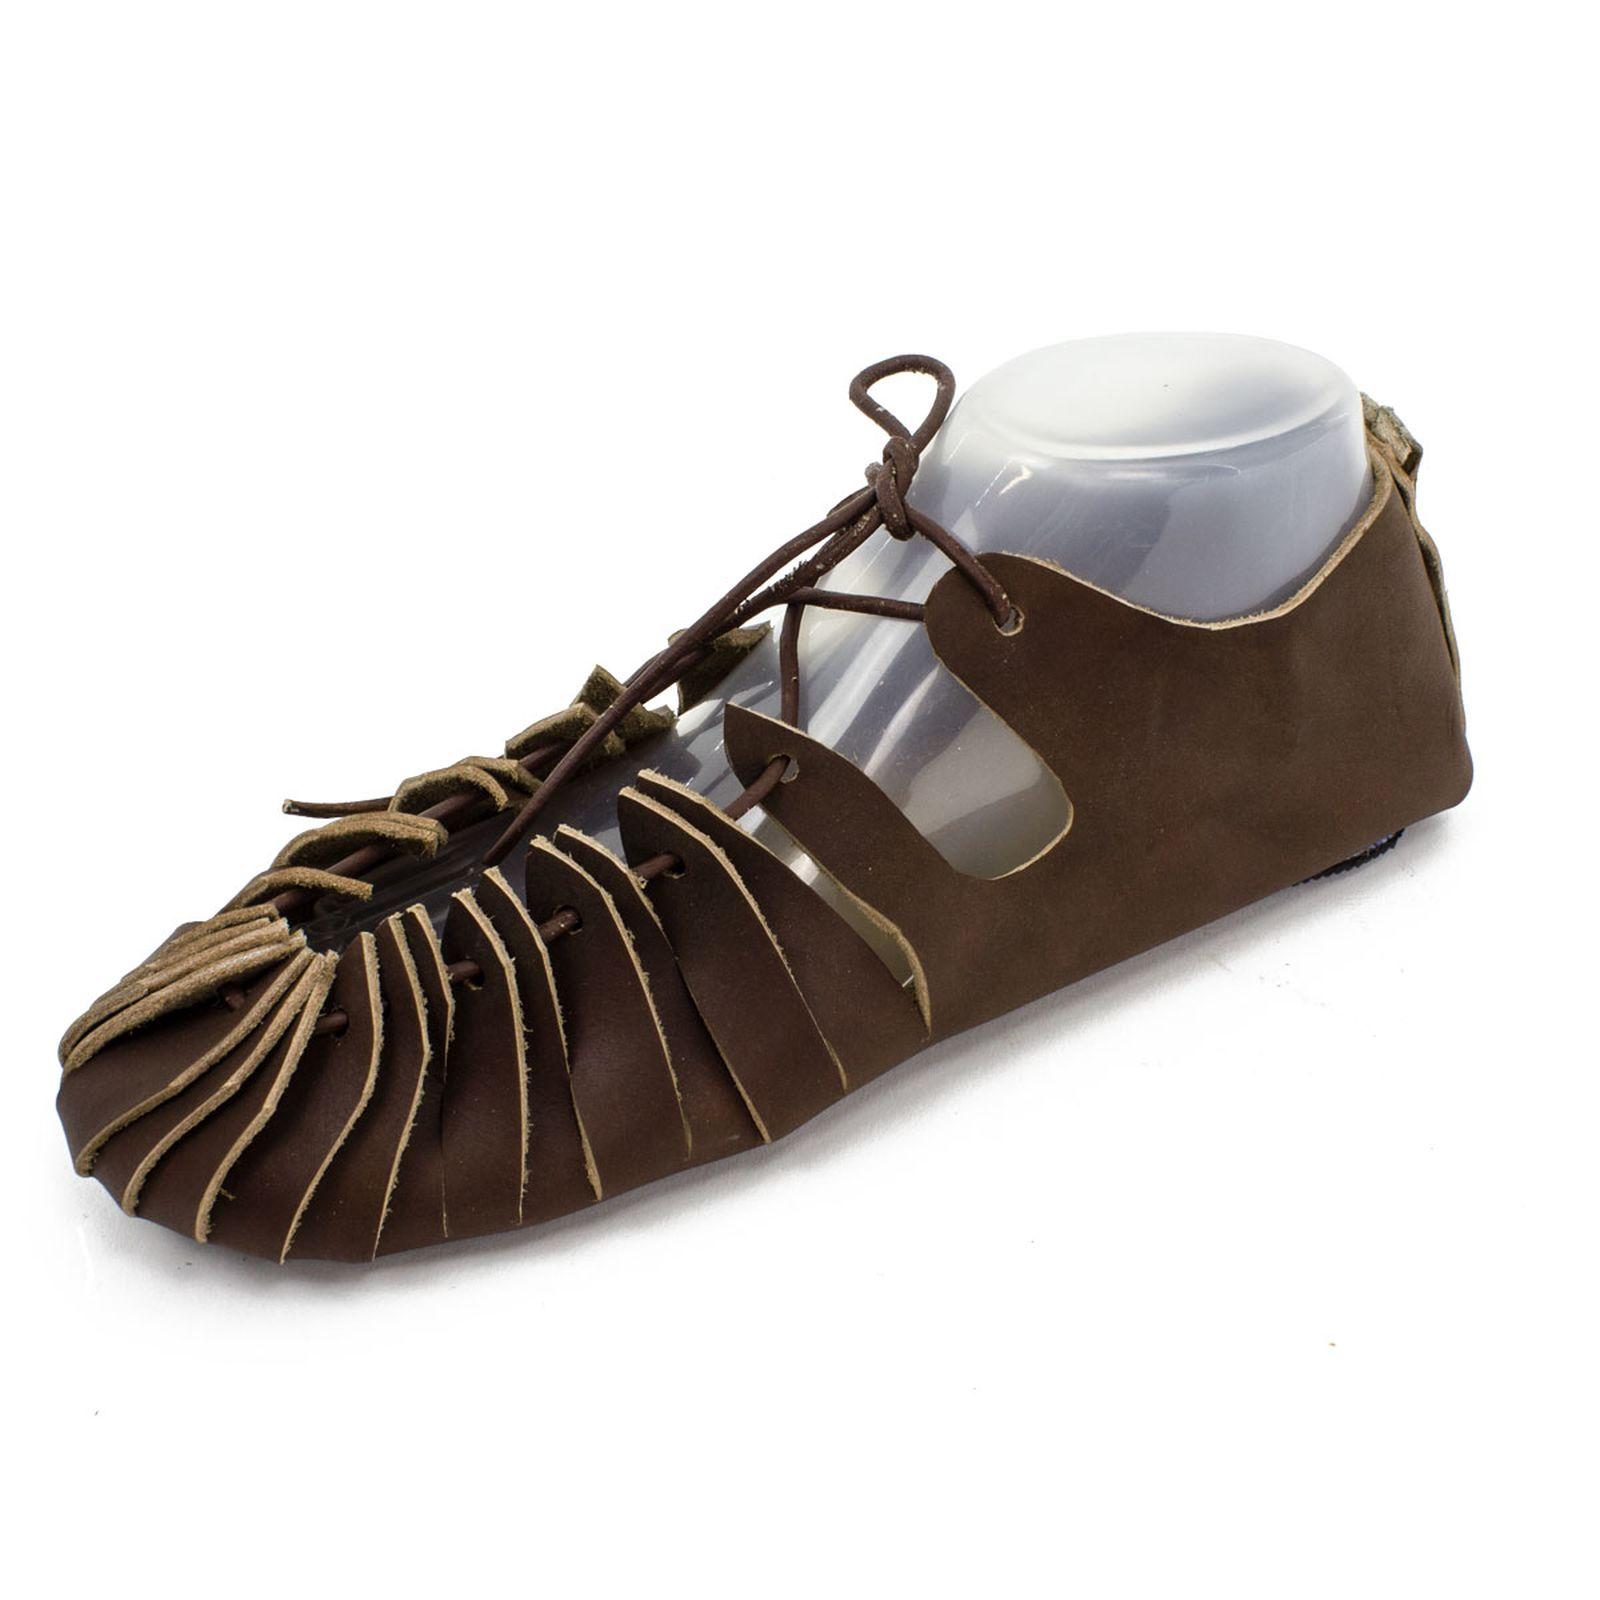 Drawstring kenkä Germaanisen mallin mukaisesti